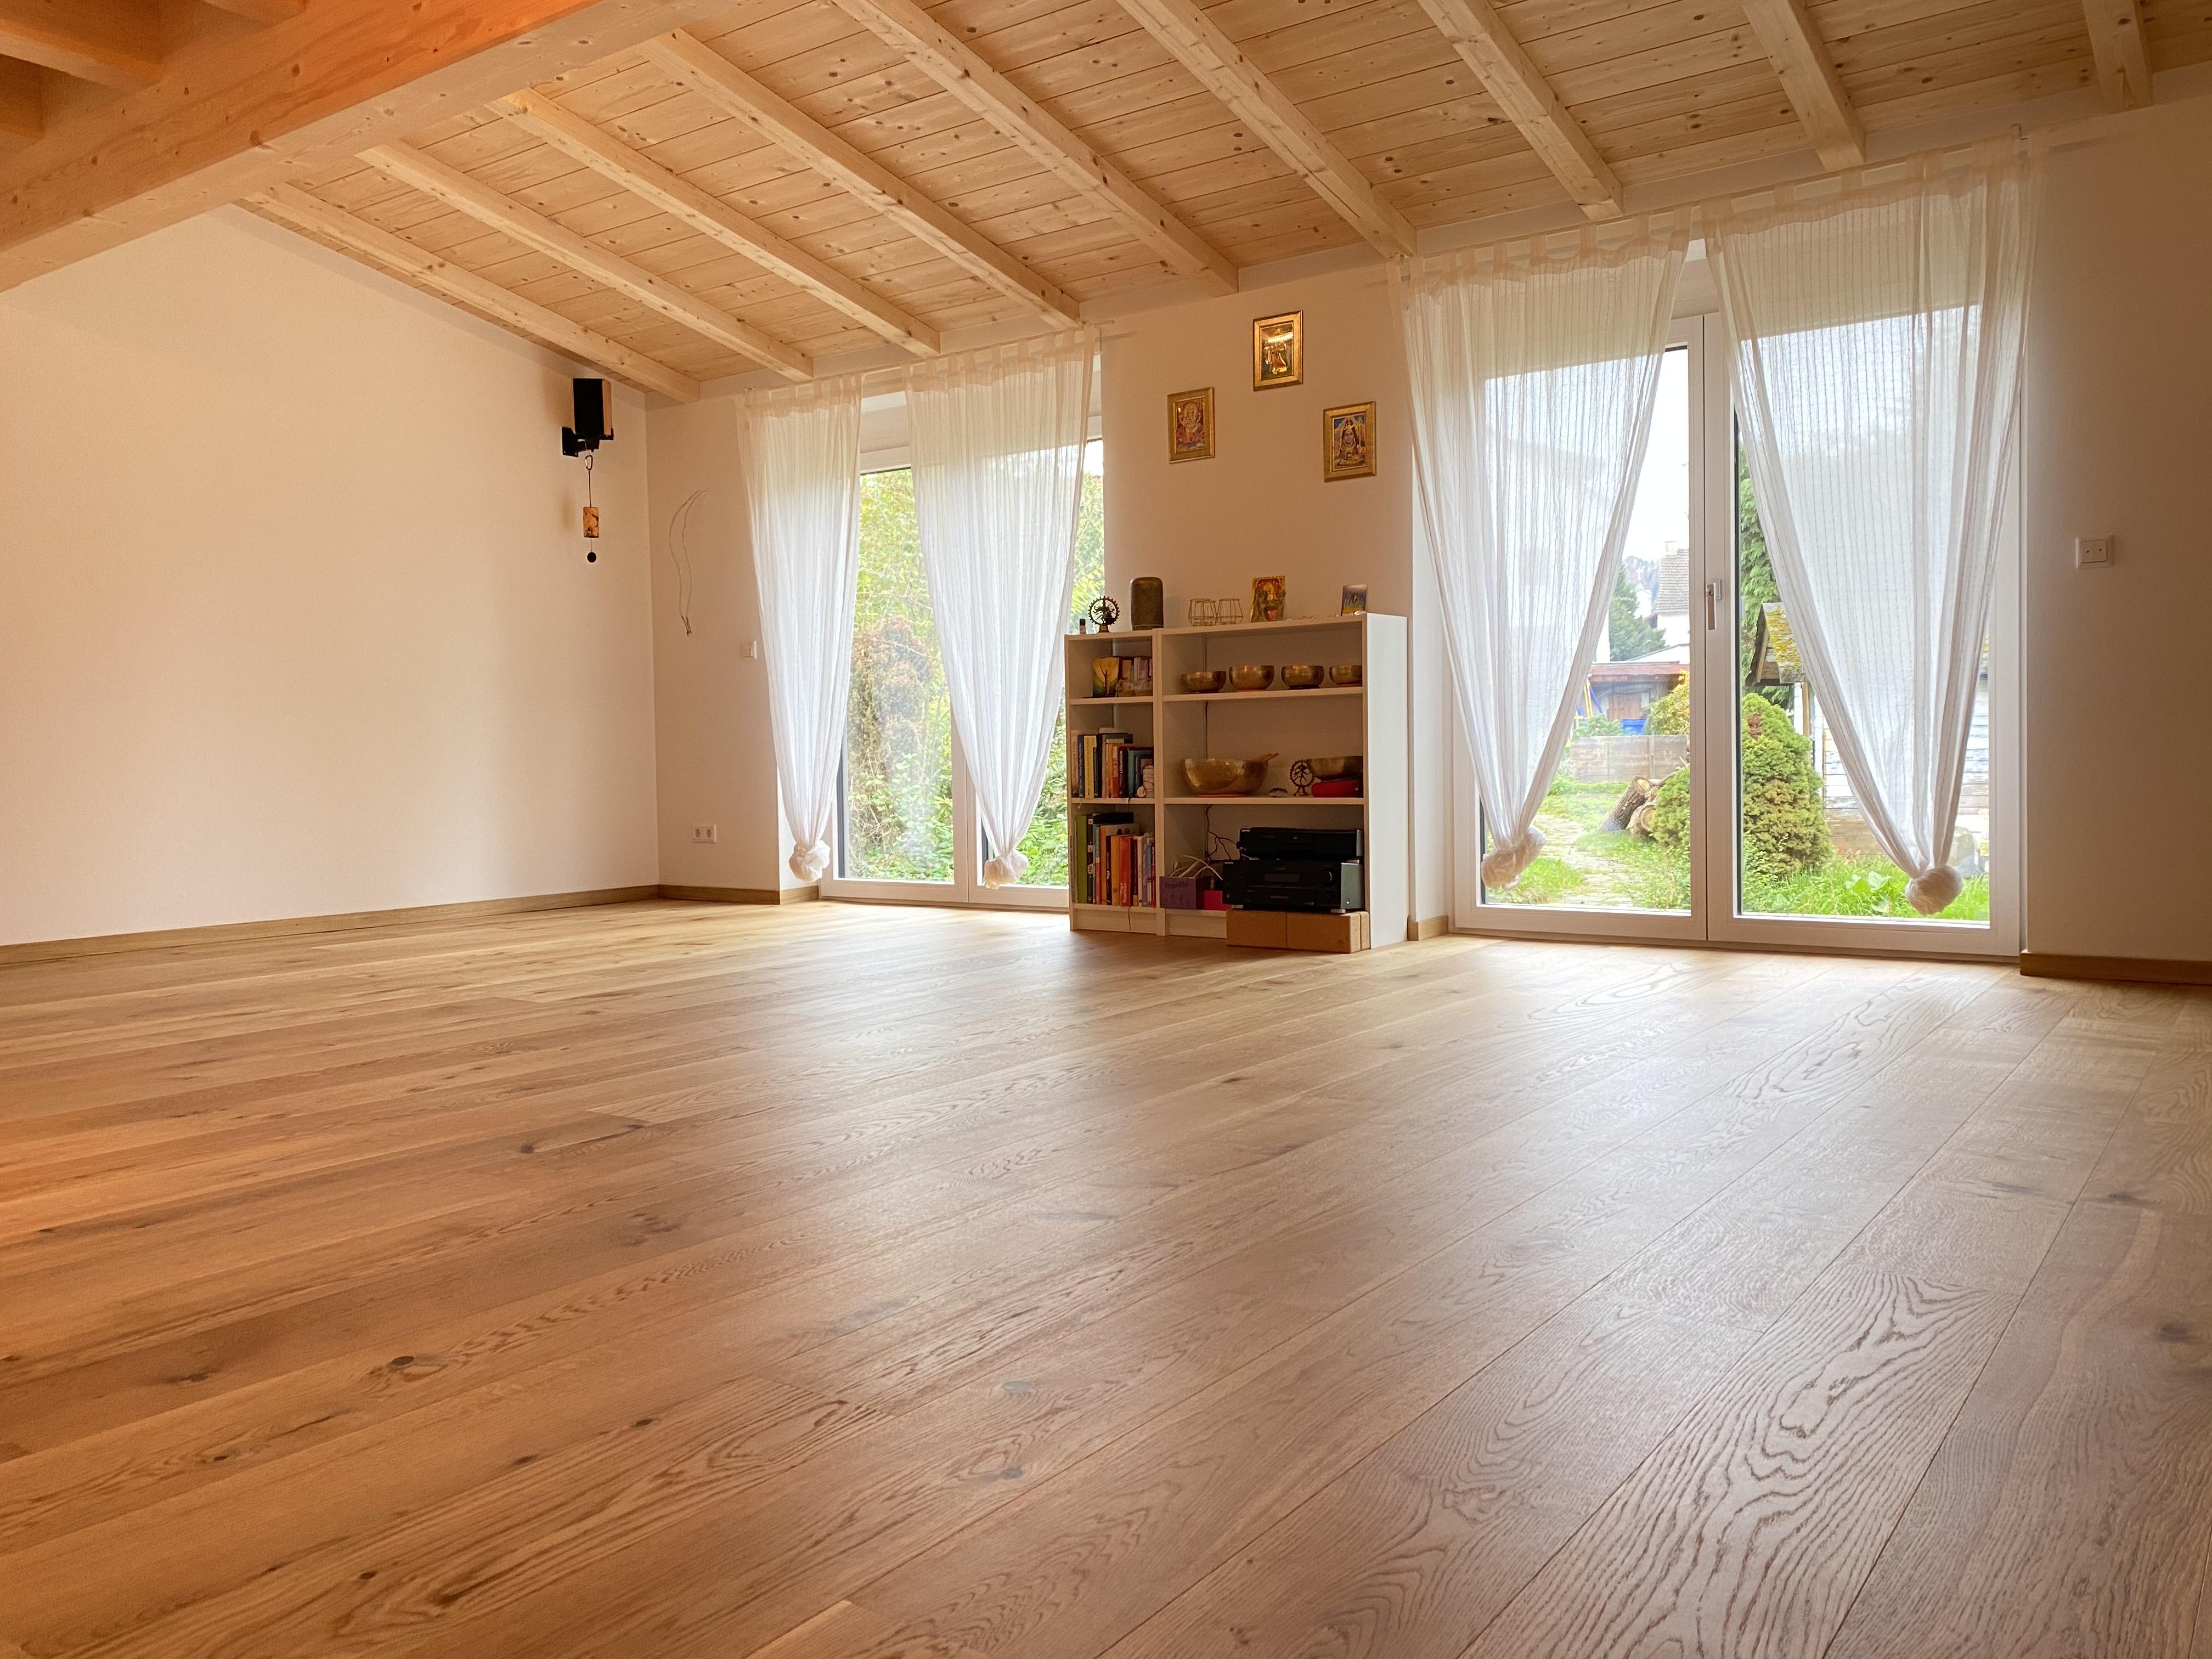 MOKSHA Yoga und Spiritual Center im Kahlgrund der Raum